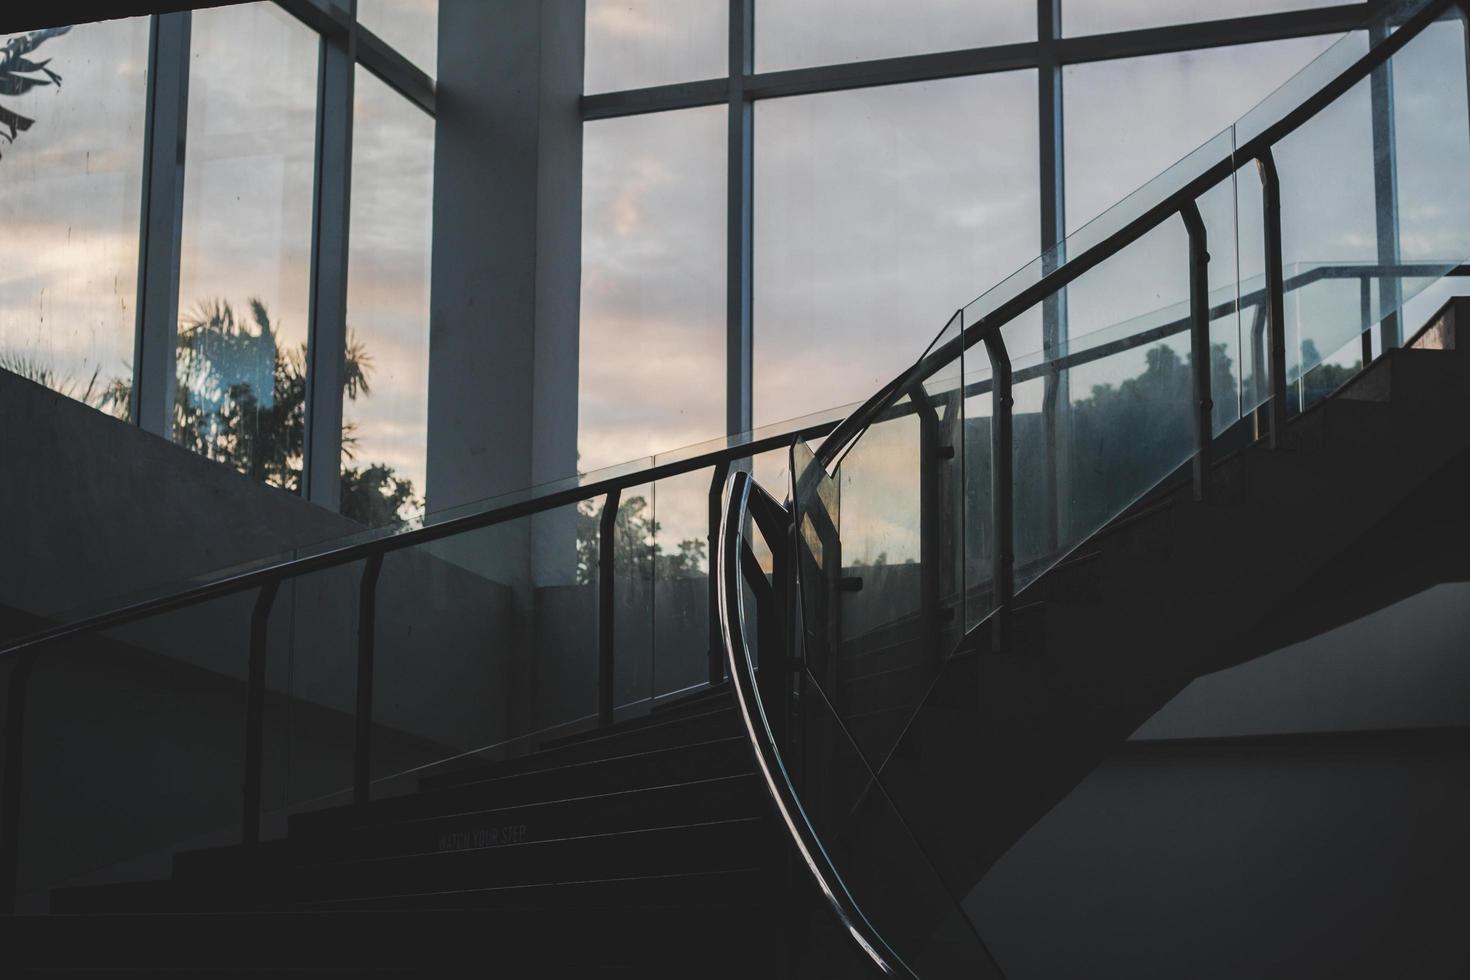 escalier intérieur à l'aube photo